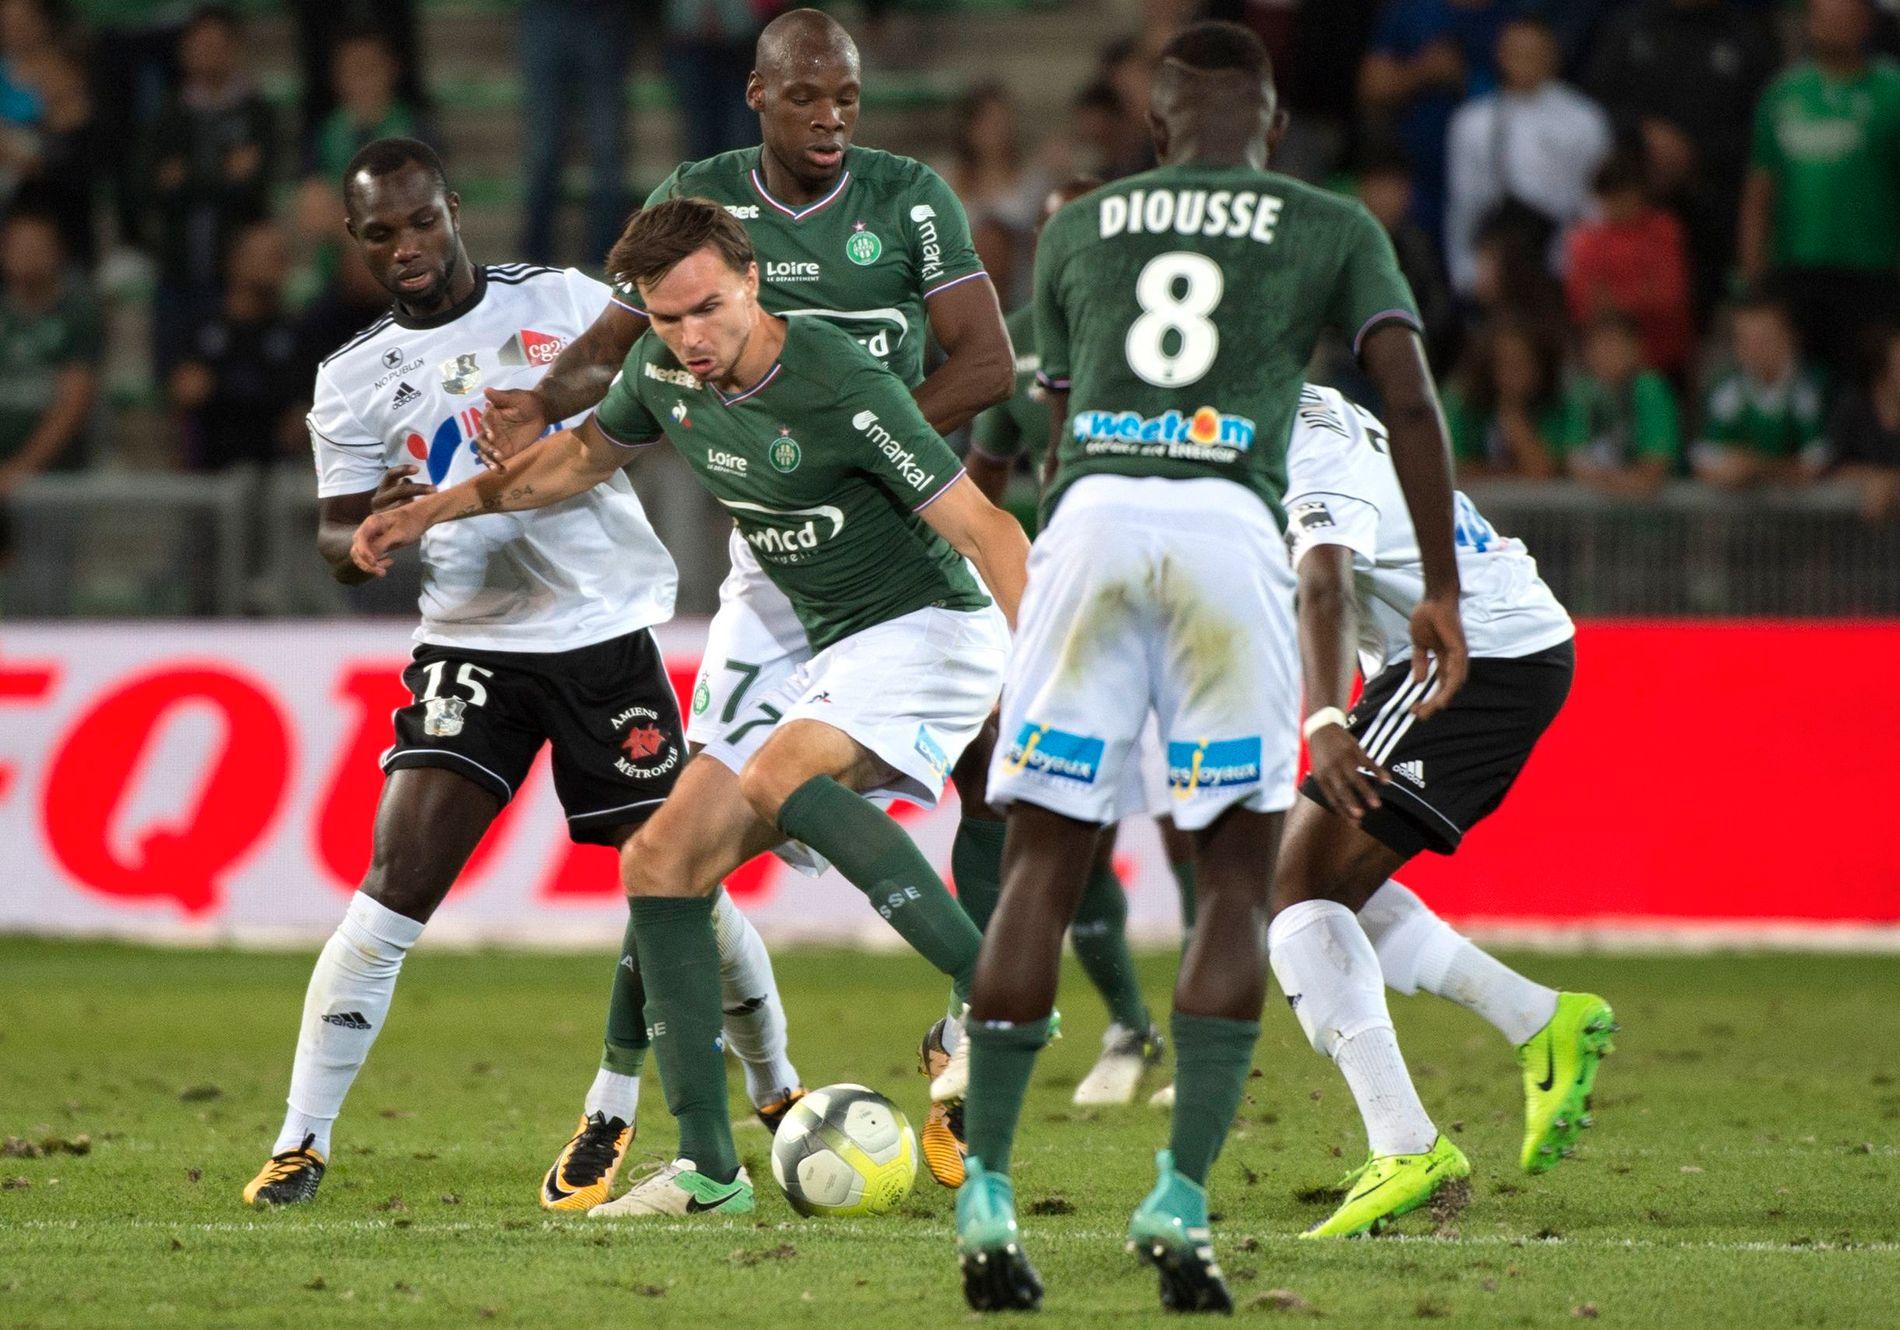 OLE-OPPTUR: Ole Selnæs (i midten), her under kamp mot Amiens den 19. august, har fått en strålende start på den franske sesongen.